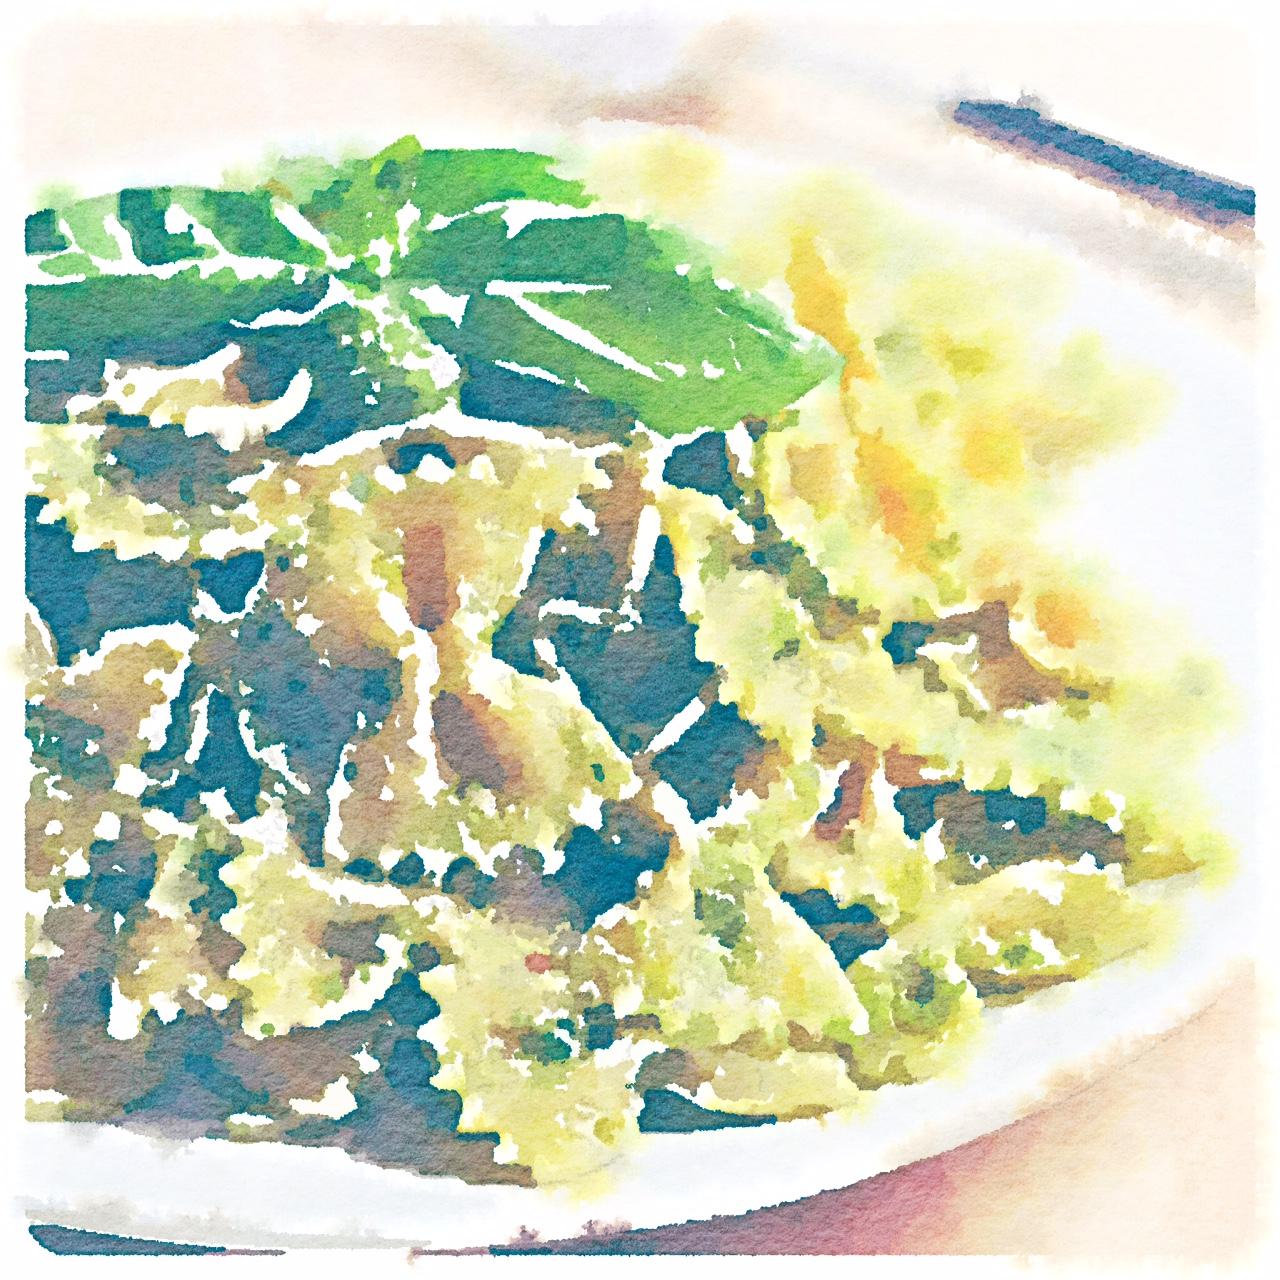 Farfalle al pesto di zucchine